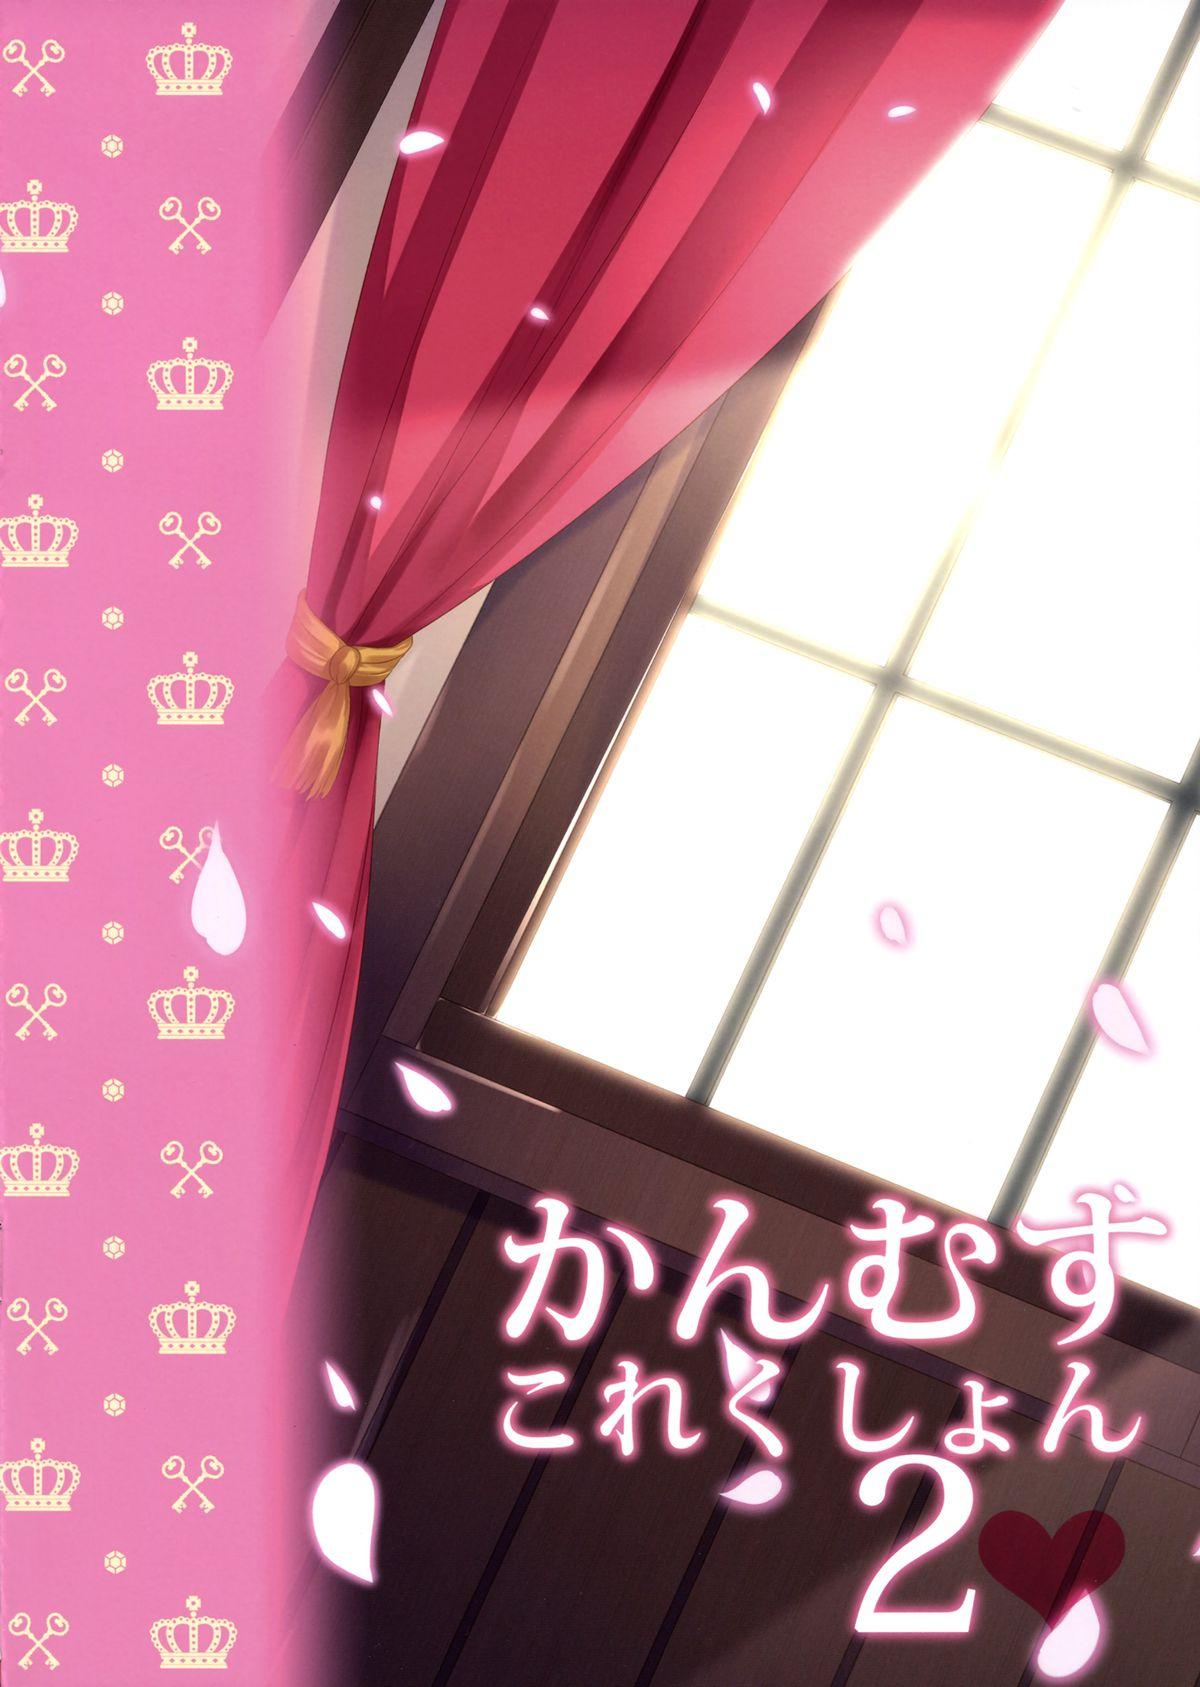 Hình ảnh  trong bài viết Kanmusu Collection 2